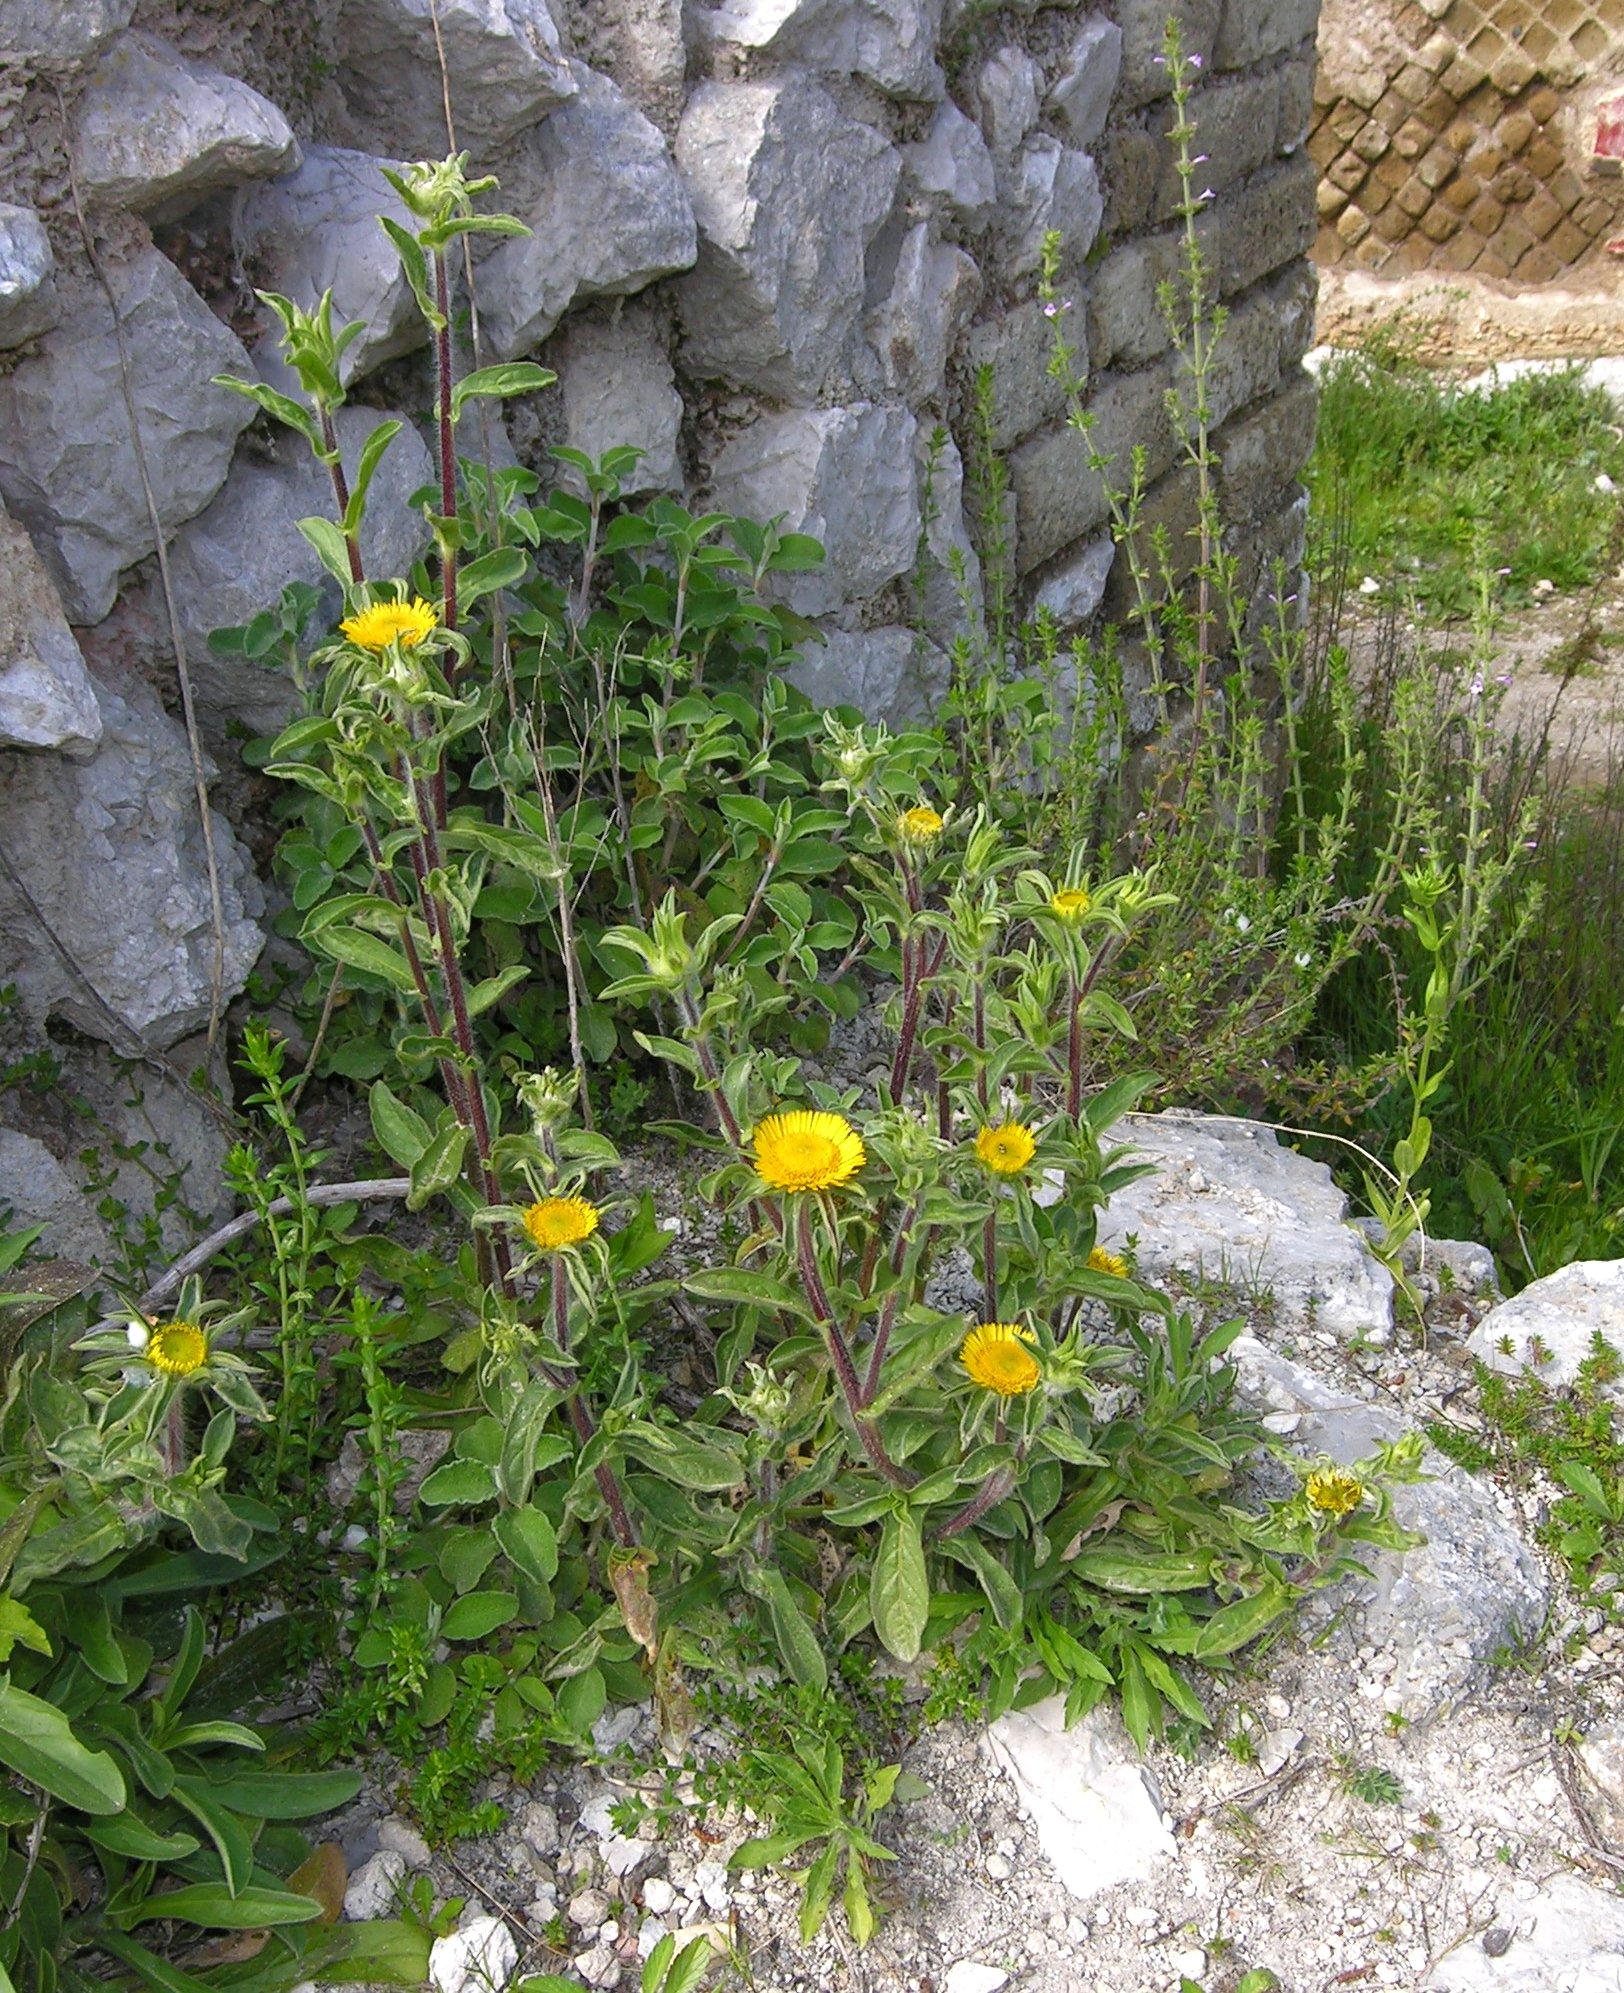 © Dipartimento di Scienze della Vita, Università degli Studi di Trieste<br>by Andrea Moro<br>Isola di Capri, centro abitato di Capri, Villa Jovis., NA, Campania, Italia, 10/04/2007<br>Distributed under CC-BY-SA 4.0 license.